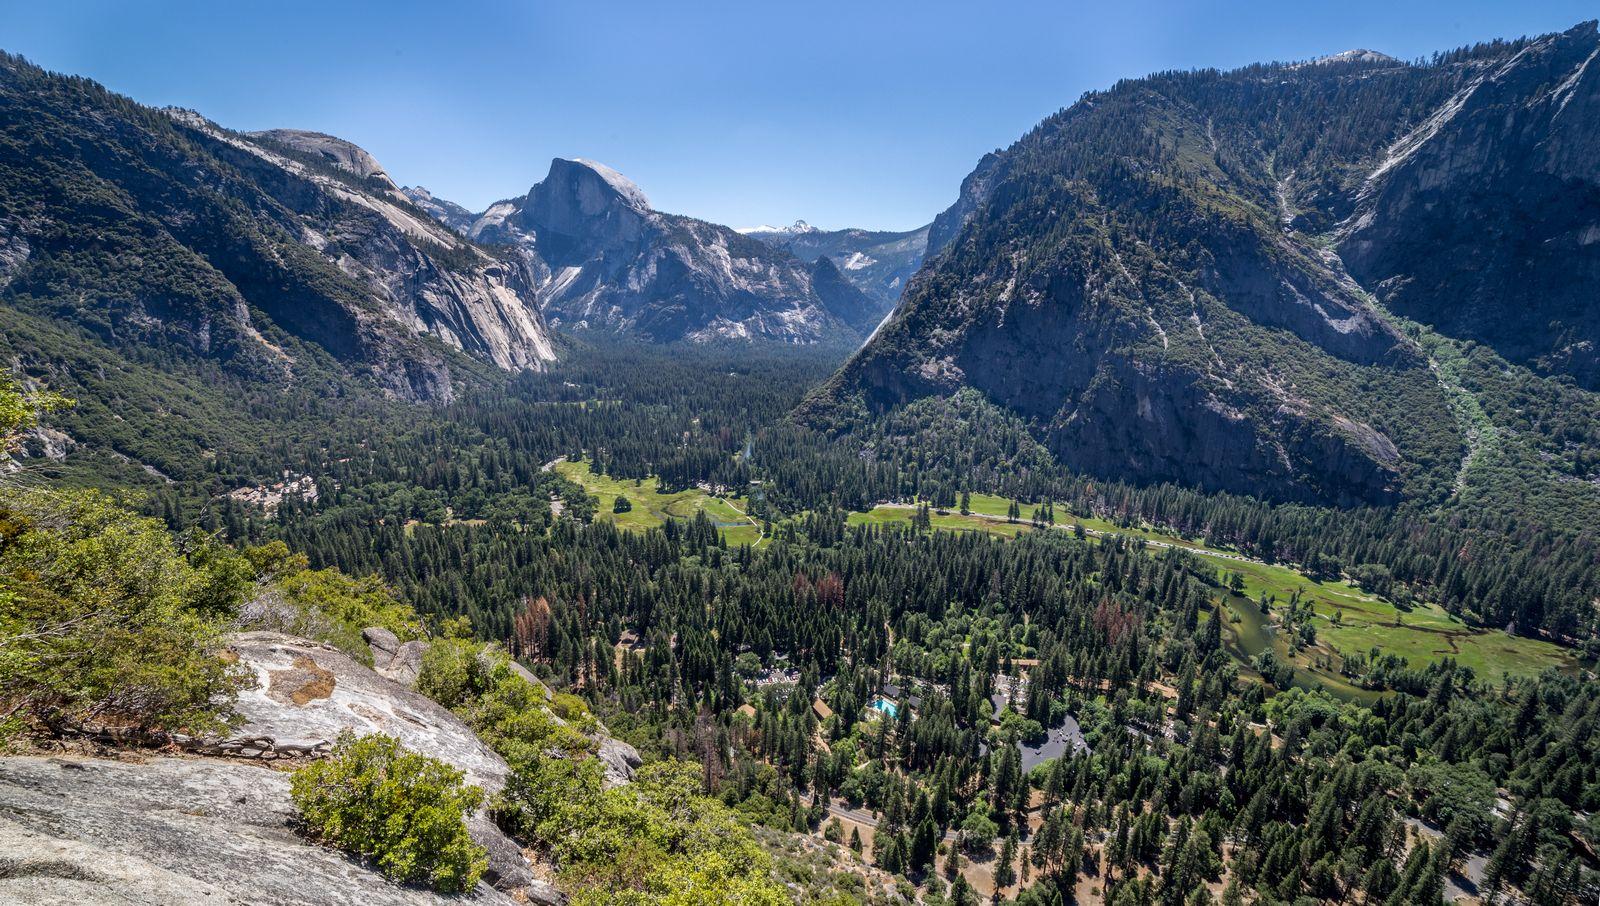 El valle como nunca antes lo había visto